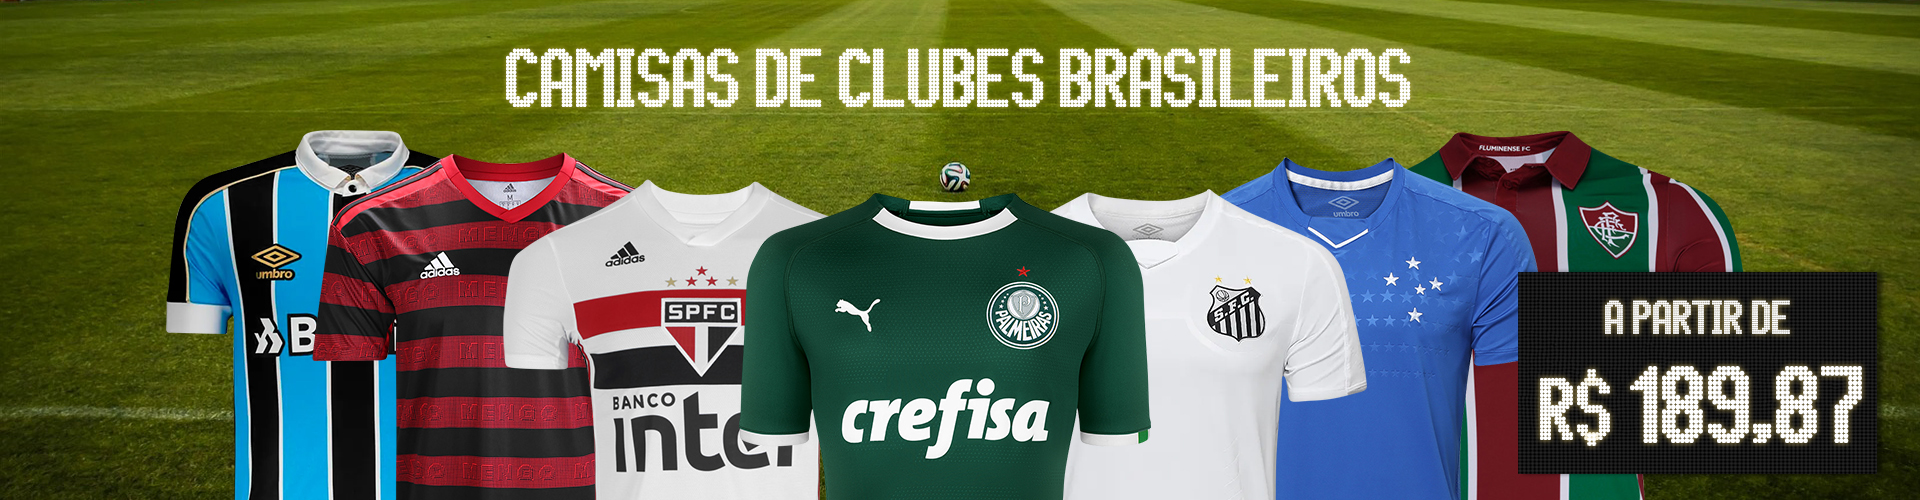 1920x500 | Banner Futebol Full